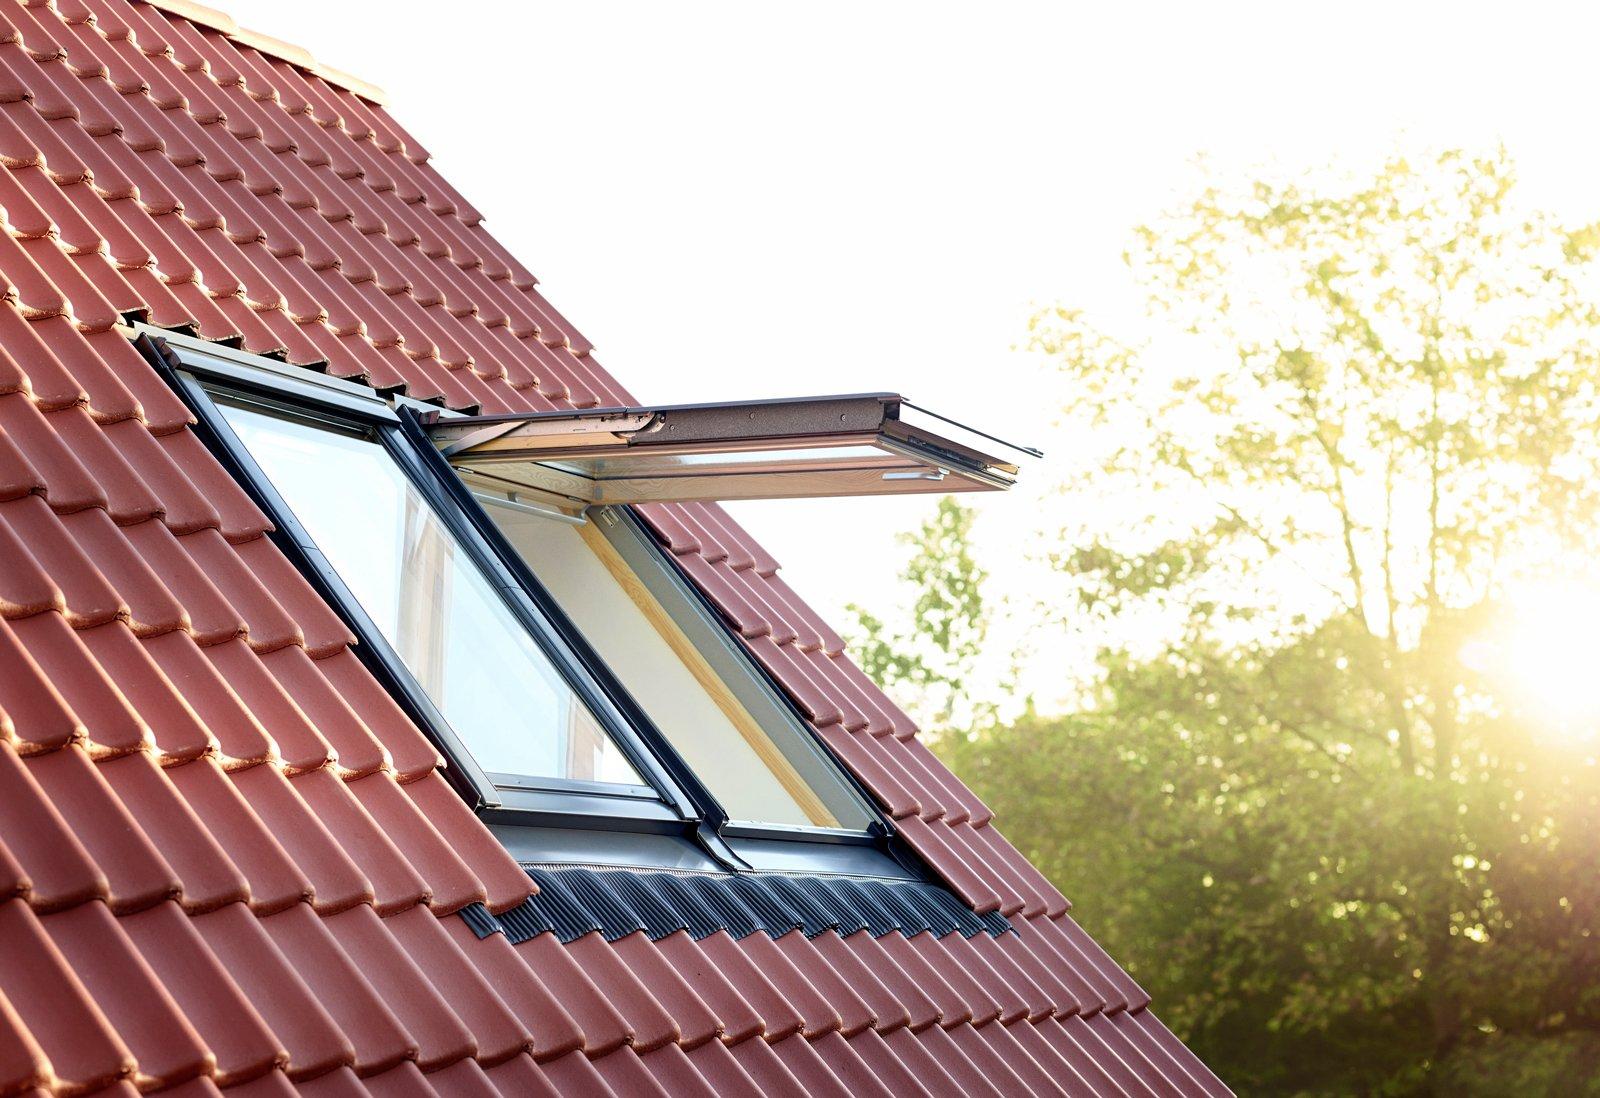 Finestra per tetti velux gpl cose di casa for Finestre velux gpl